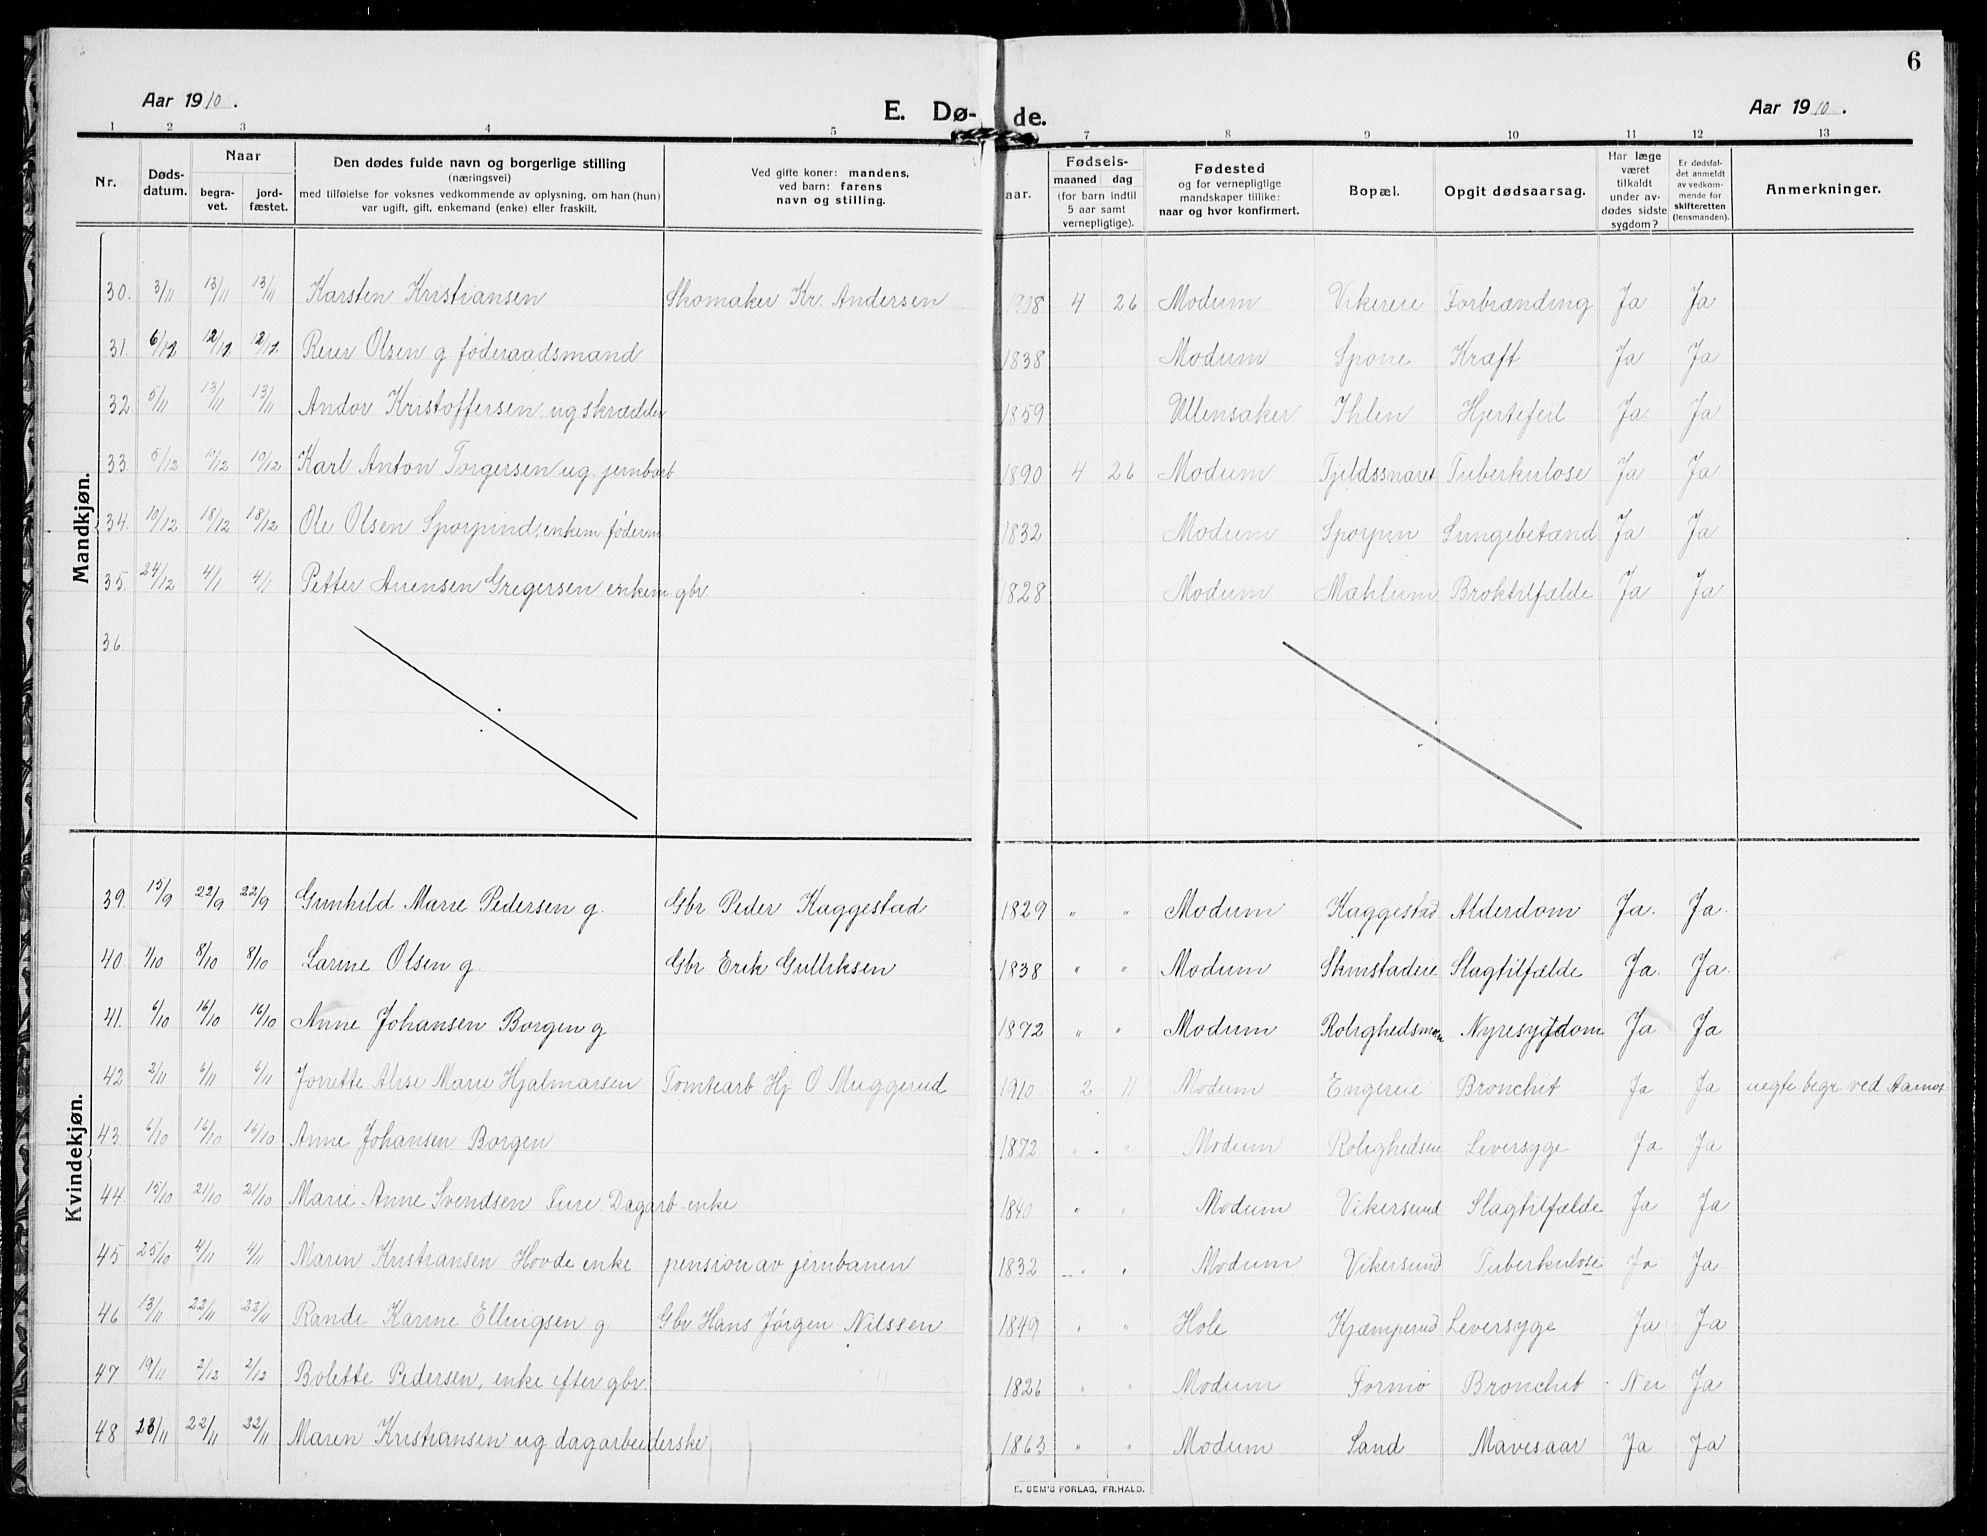 SAKO, Modum kirkebøker, G/Ga/L0011: Klokkerbok nr. I 11, 1910-1925, s. 6